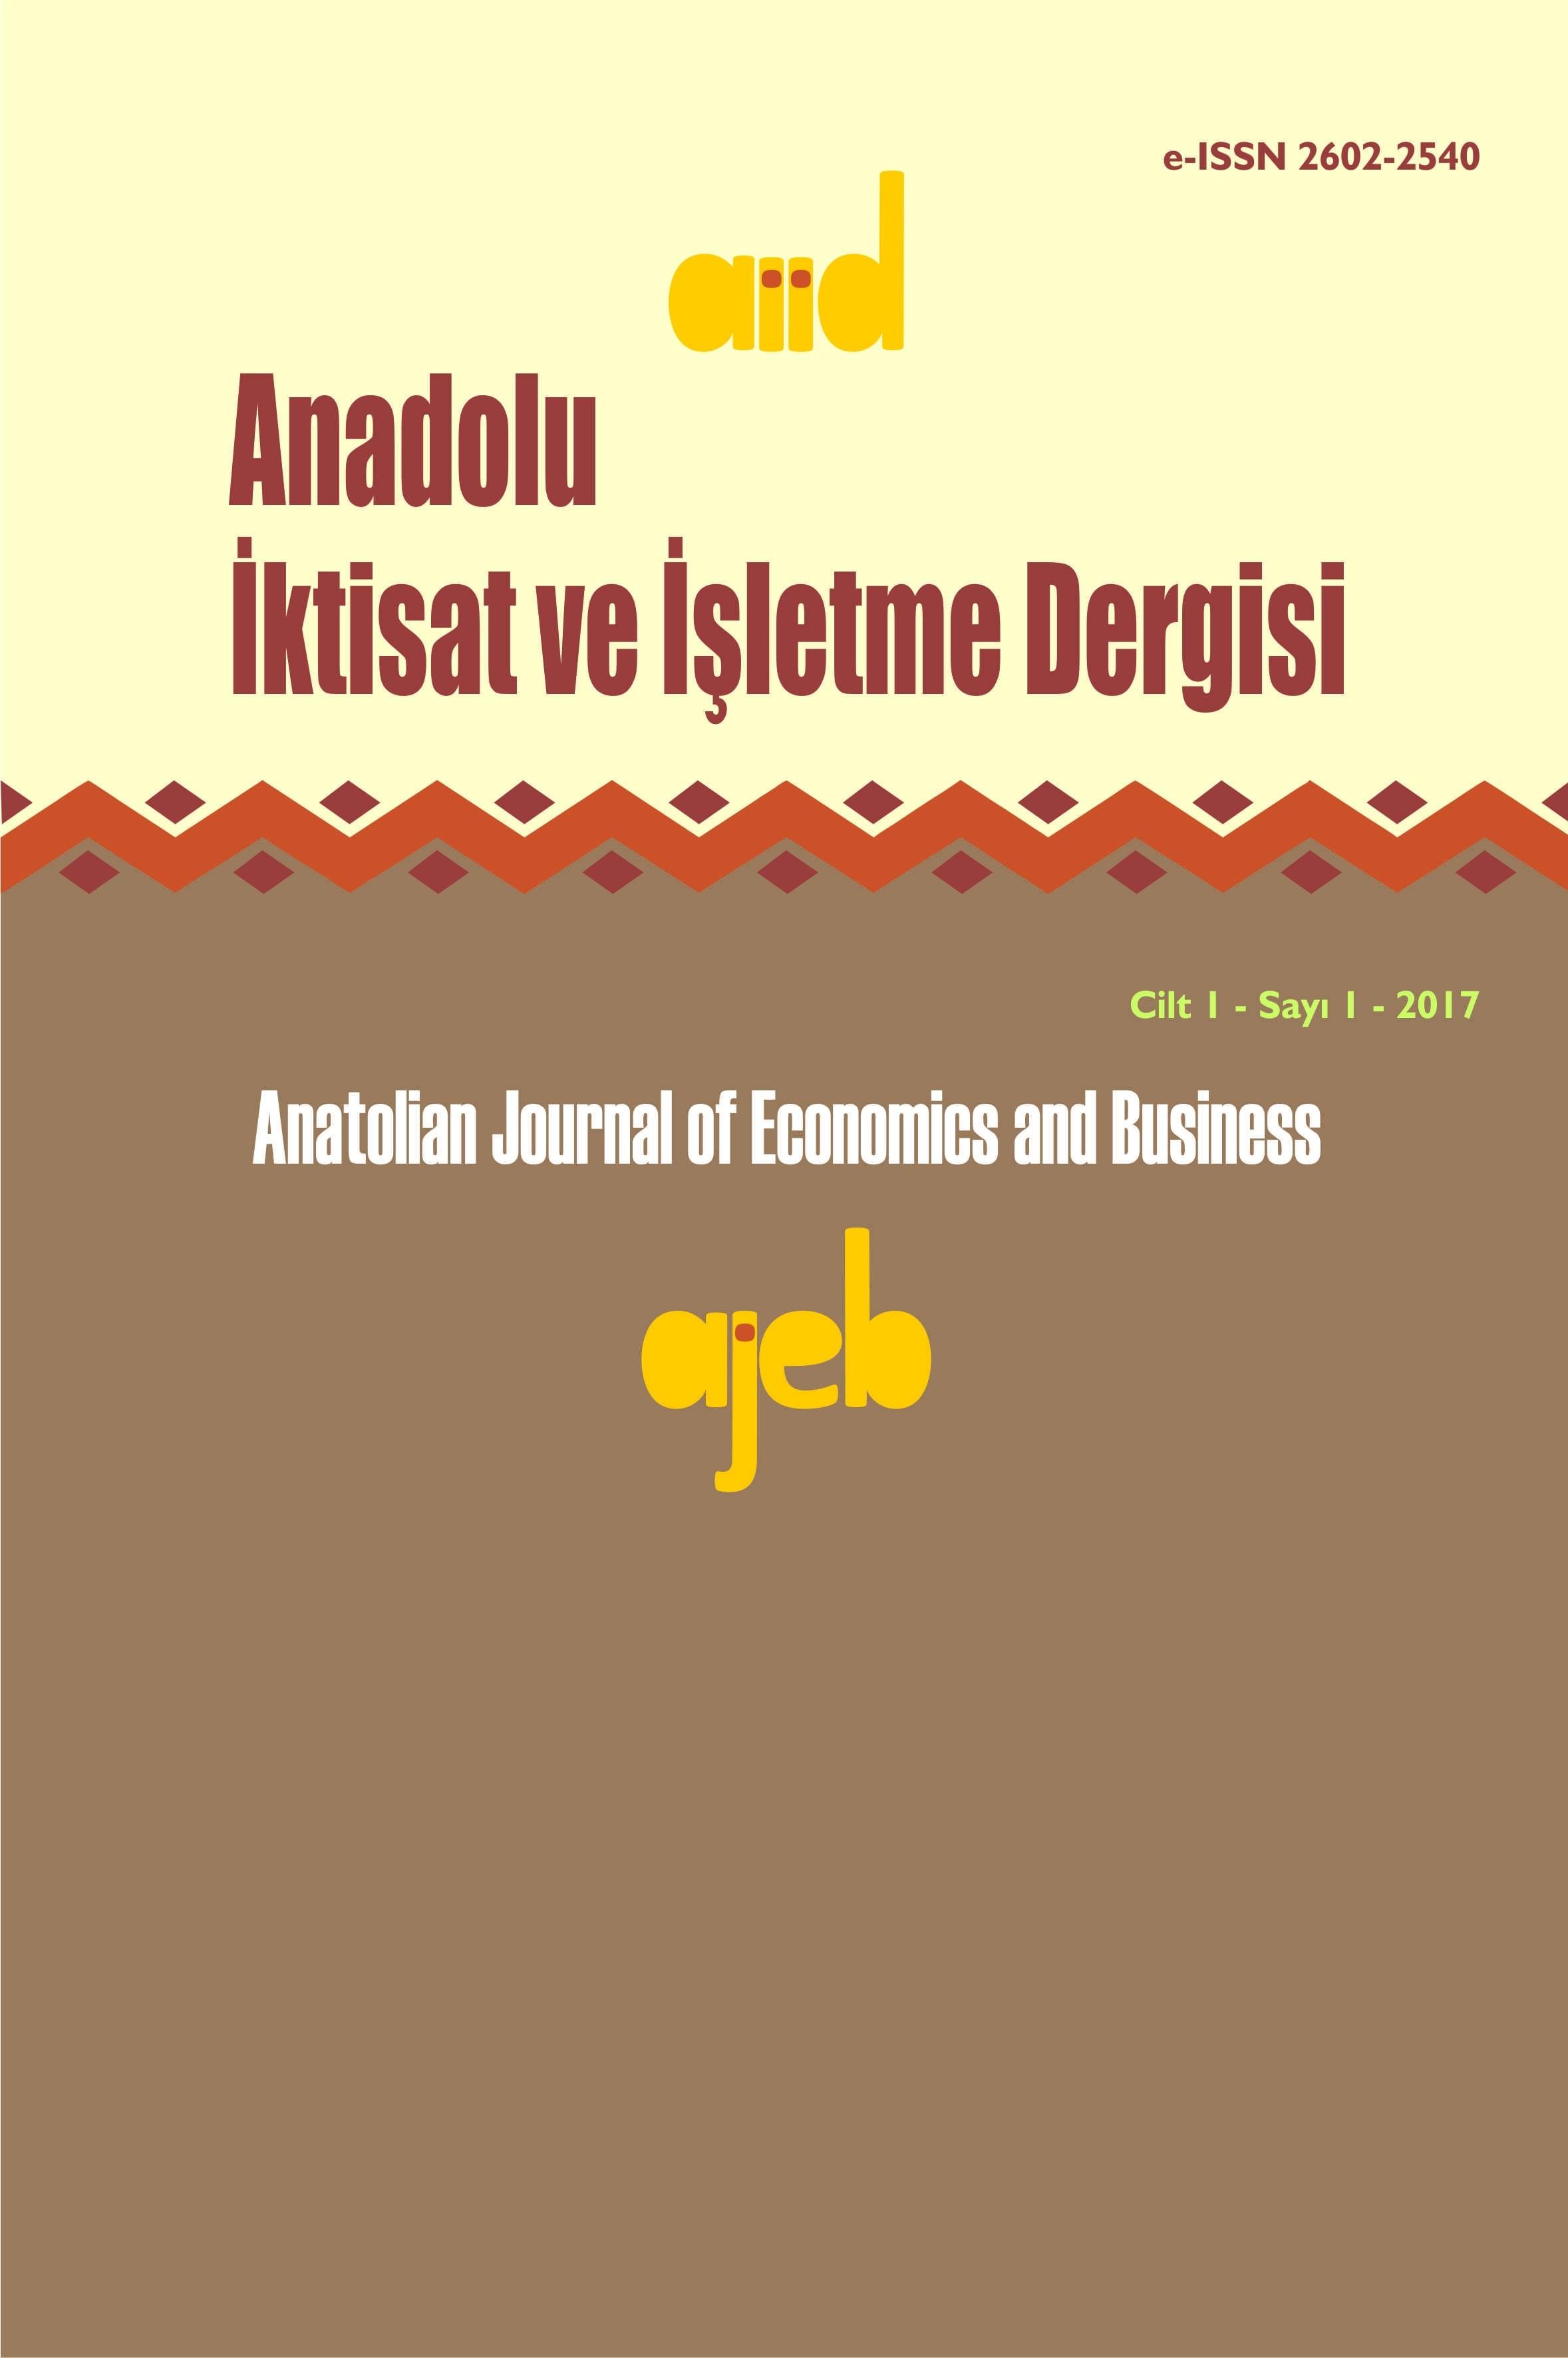 Anatolian Journal of Economics and Business